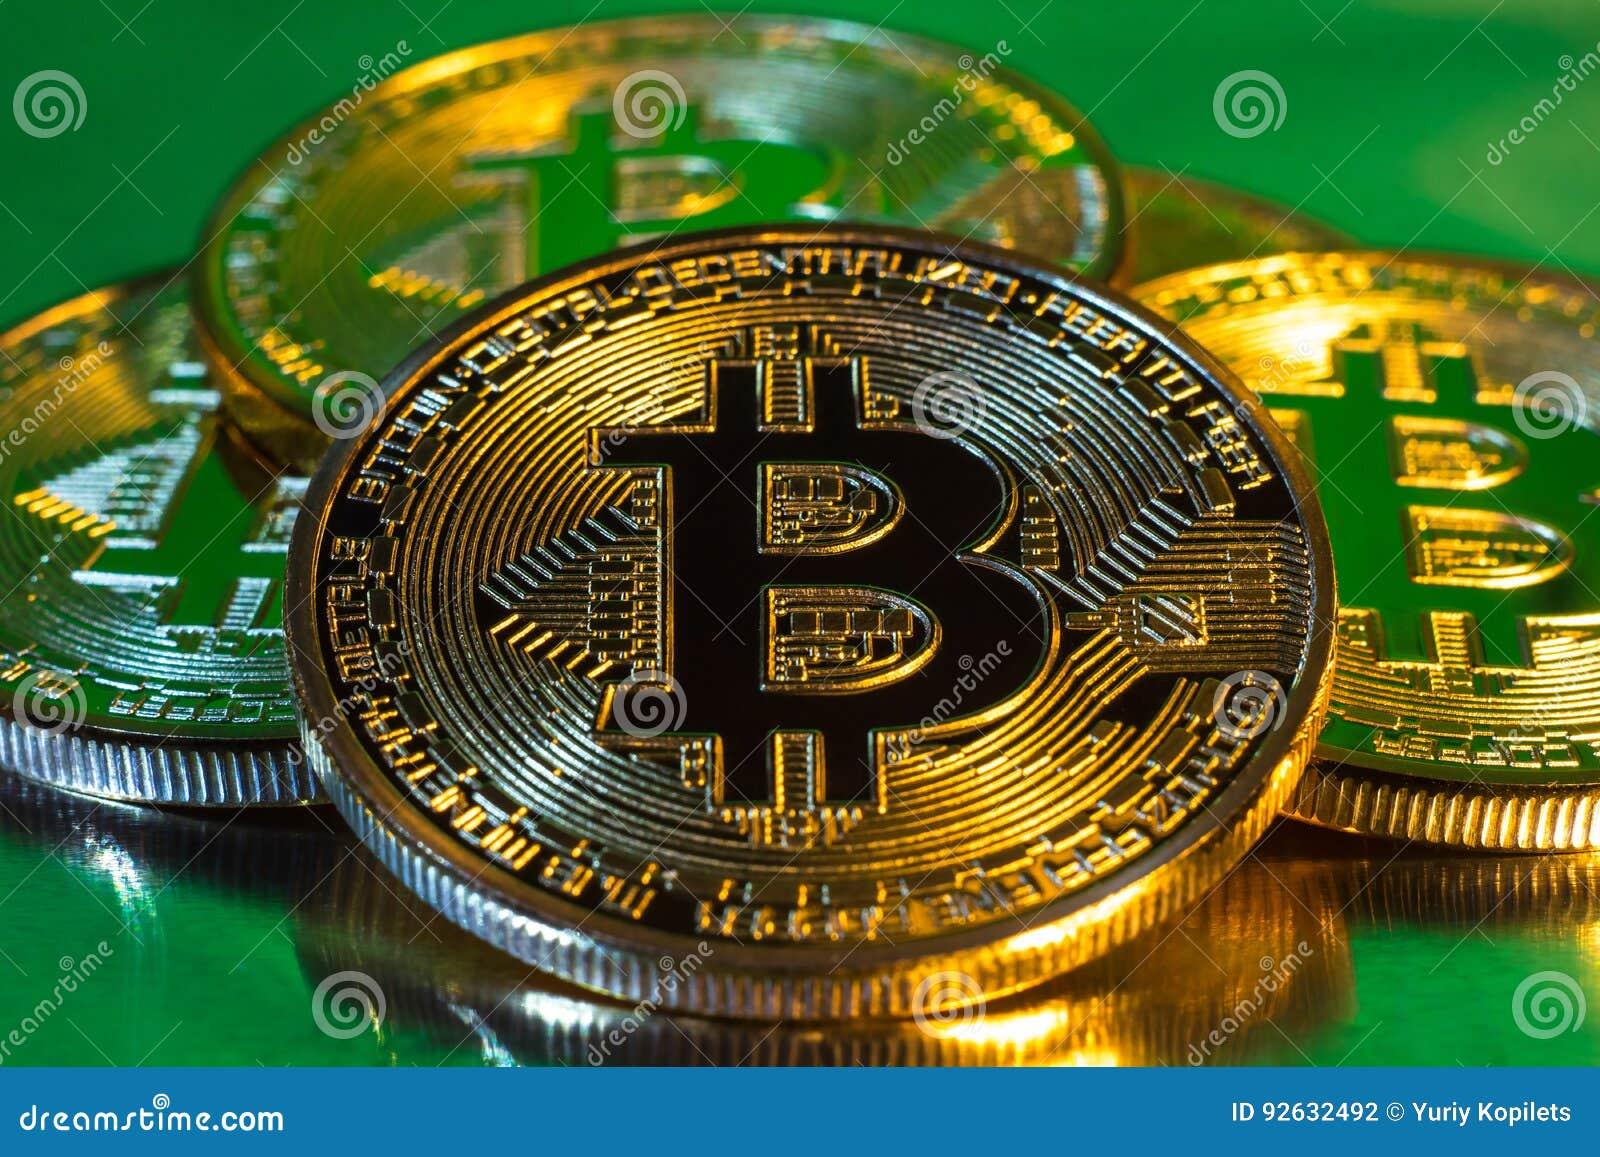 Φυσικό χρυσό νόμισμα bitcoin Cryptocurrency στο ζωηρόχρωμο backgrou